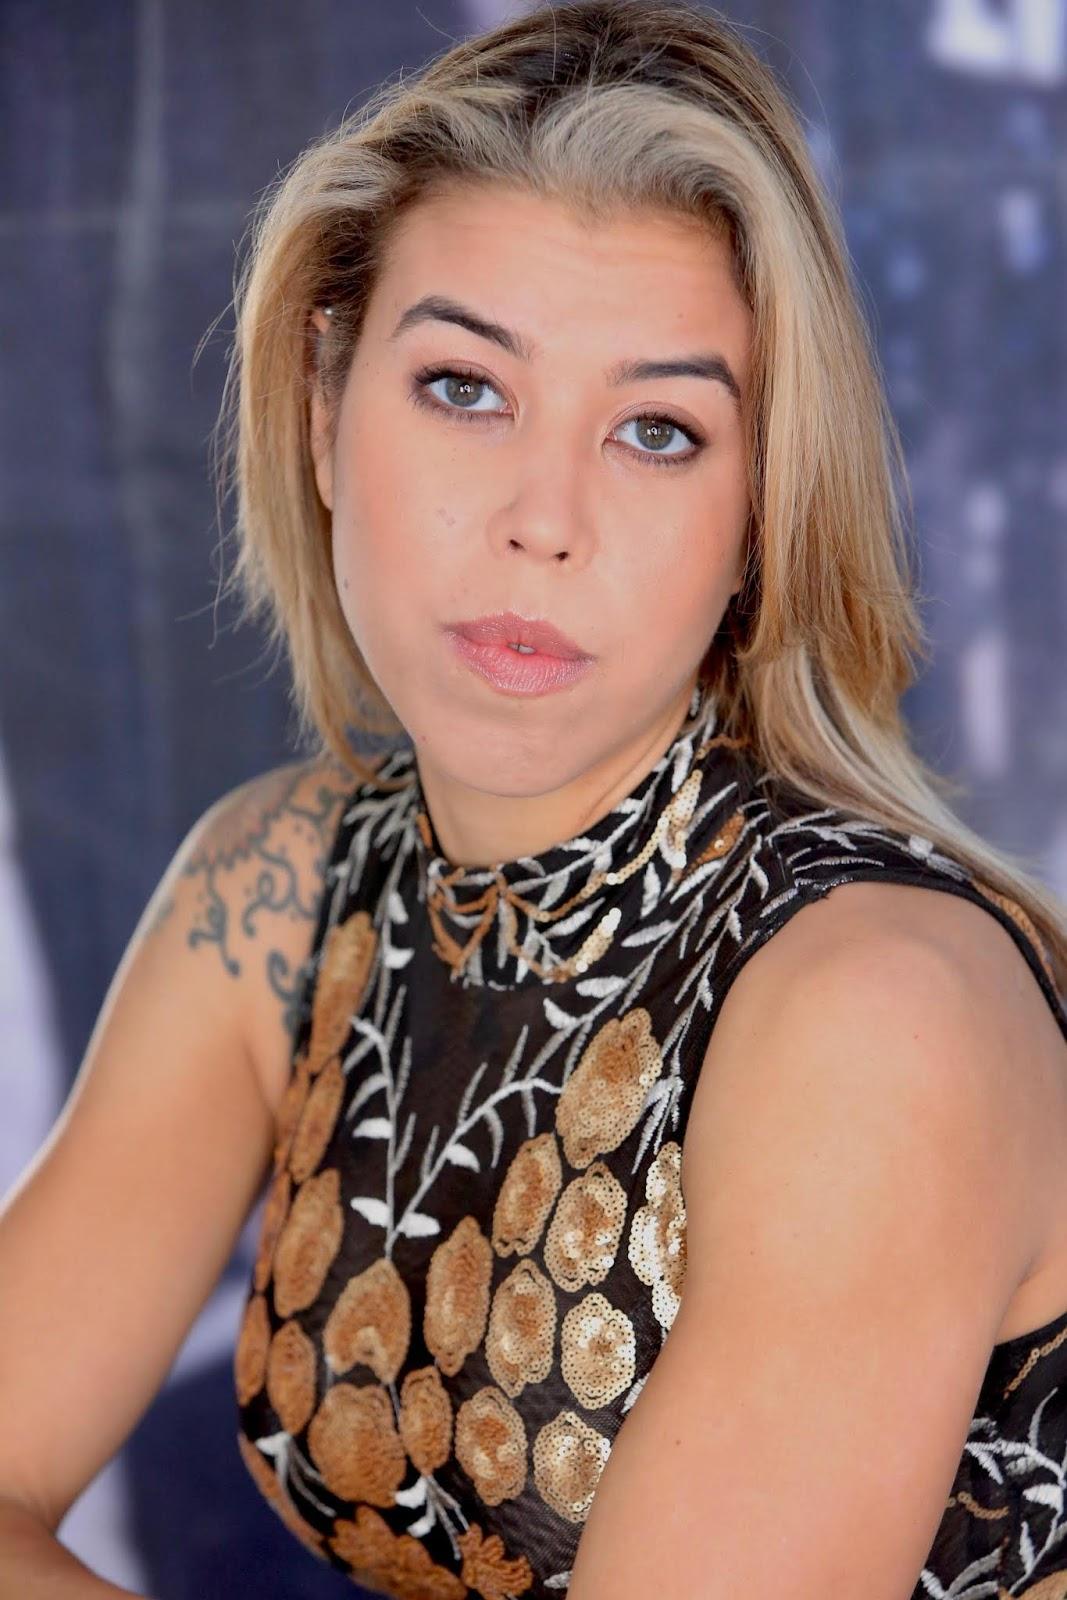 Emily Rosario